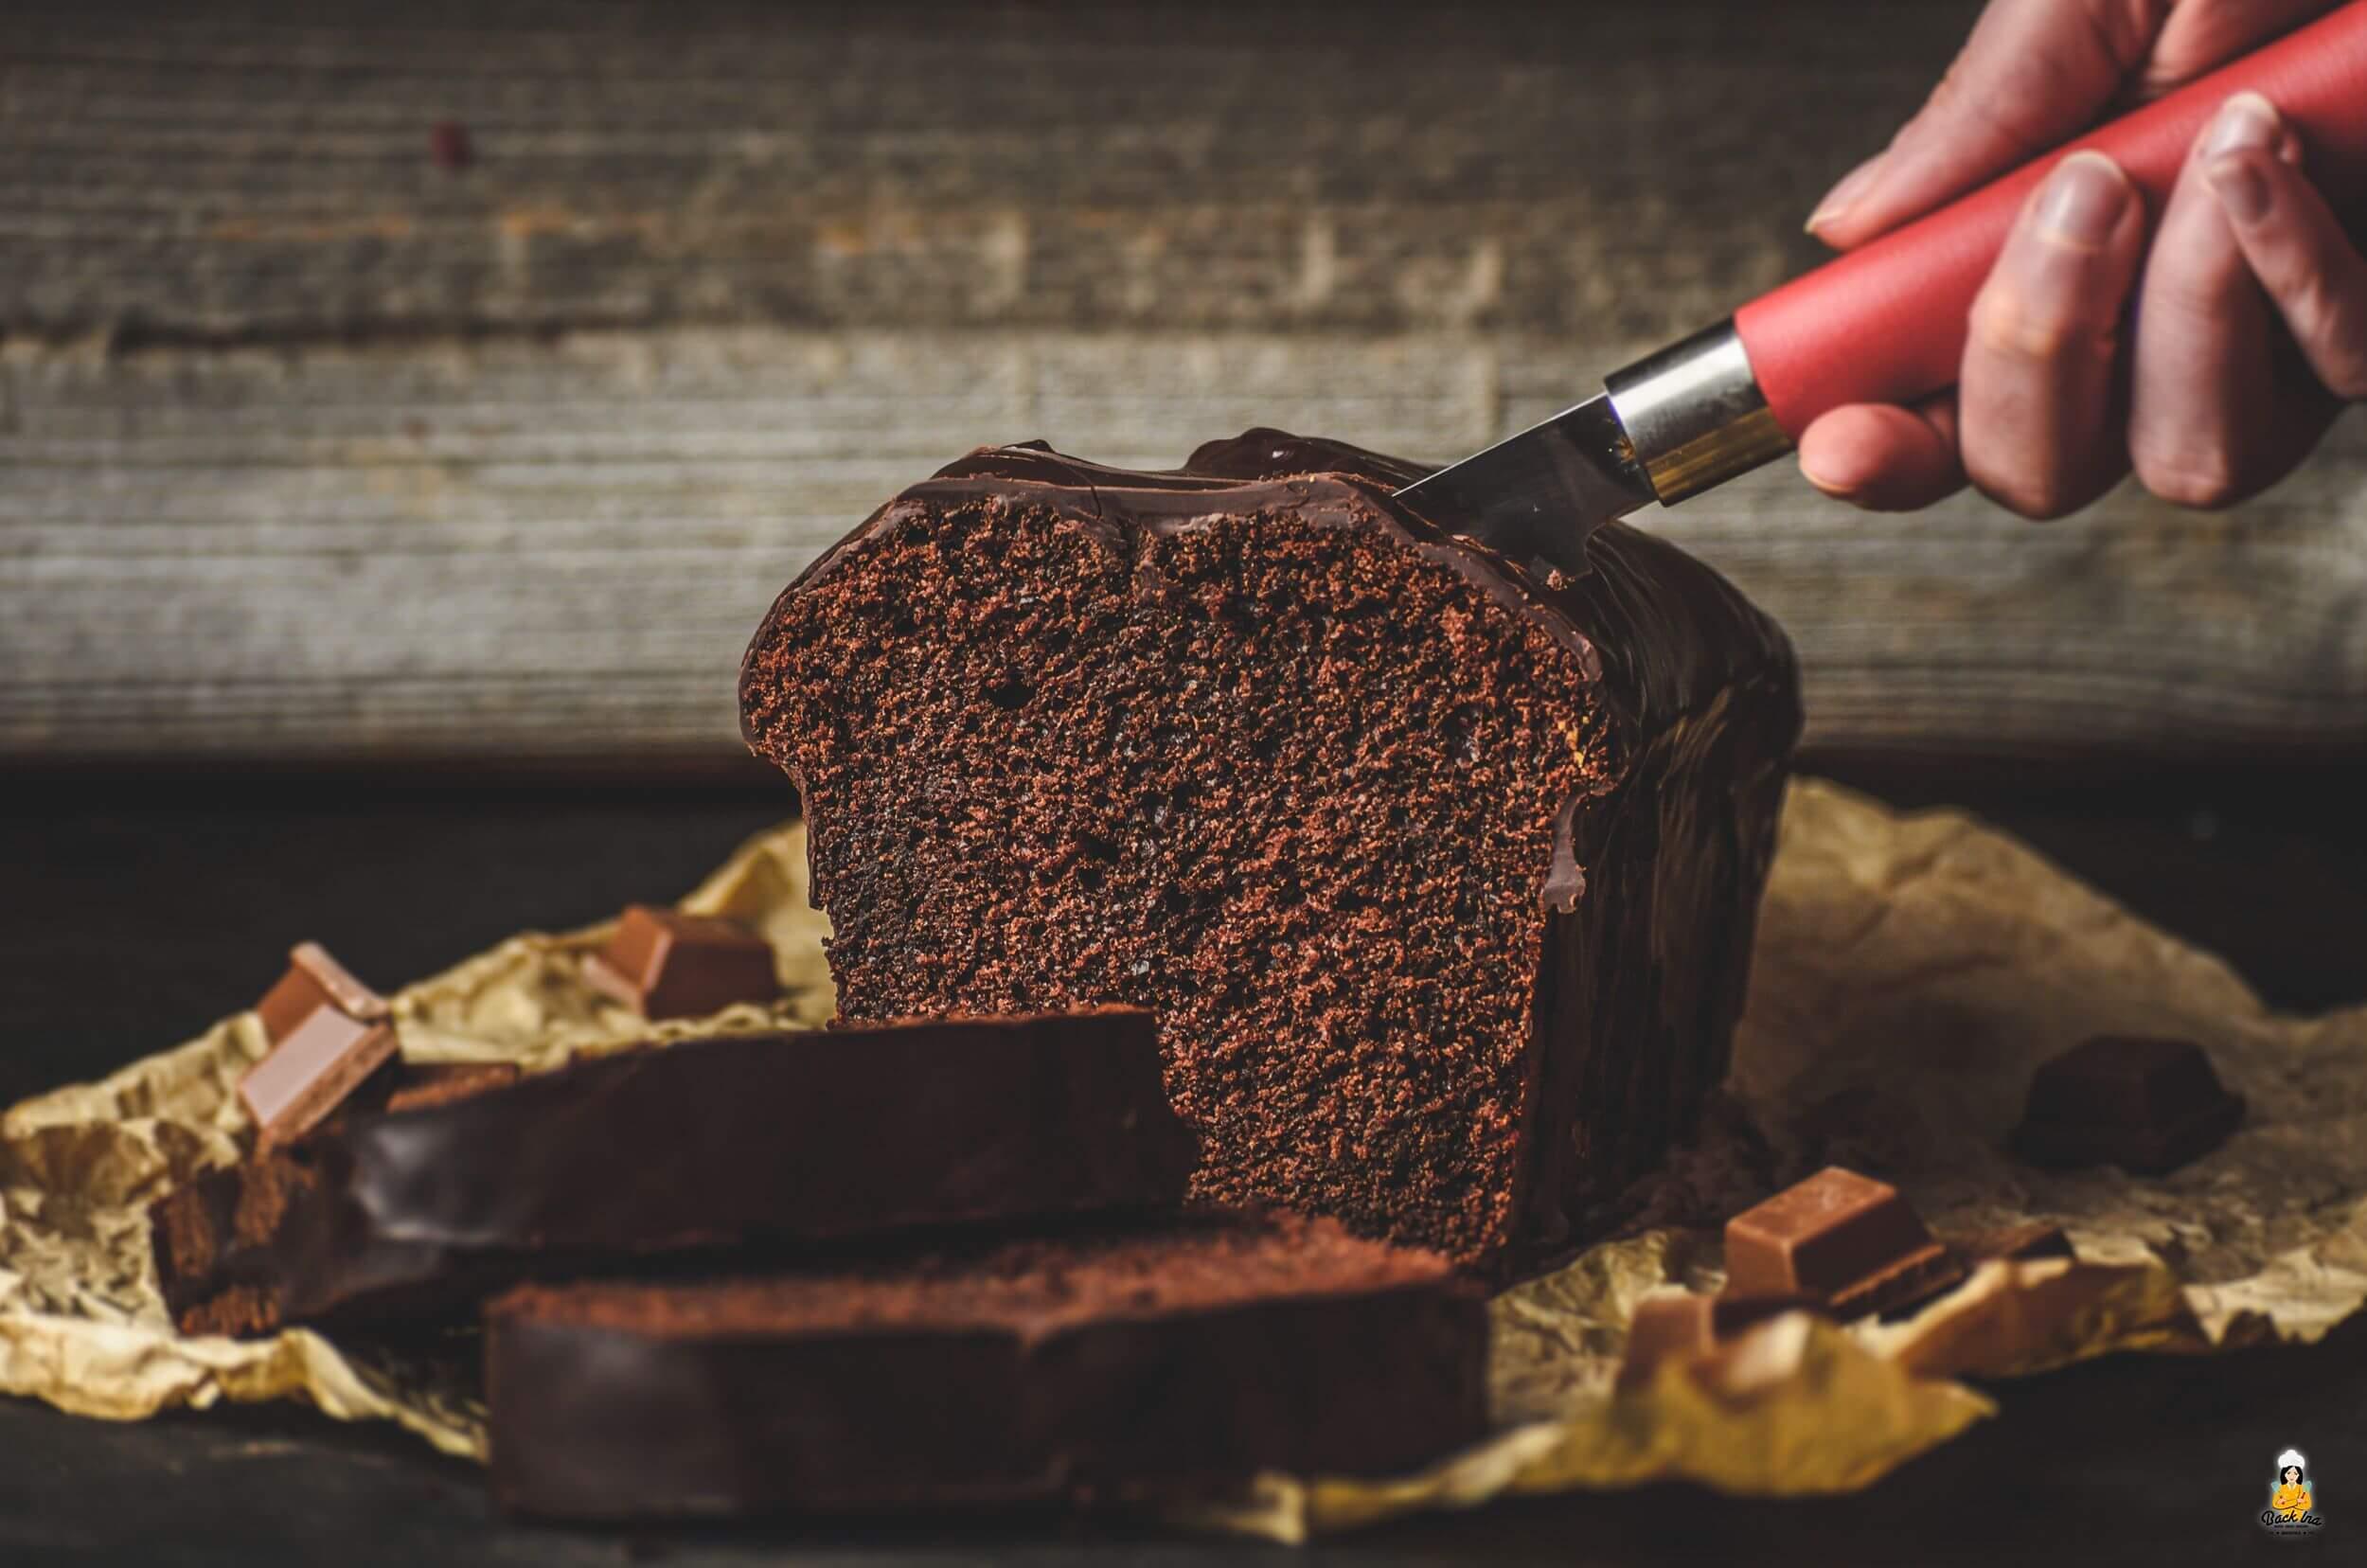 Schokoglasur gehört natürlich dazu zum besten Schokokuchen der Welt: Saftig, locker und sooo schokoladig!